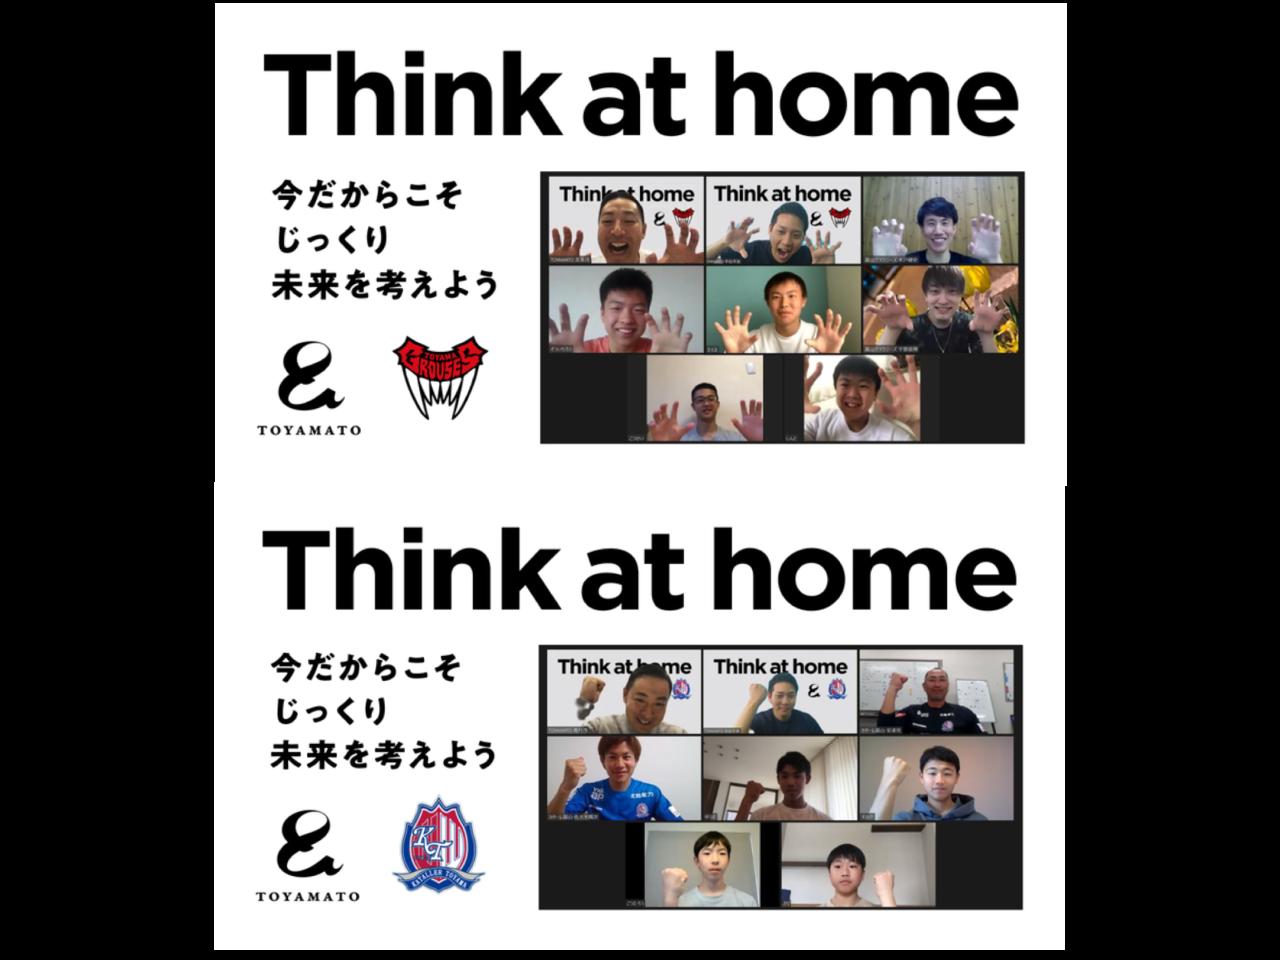 富山まちづくり会社が新しい未来づくりのためのプロジェクトを始動しました。